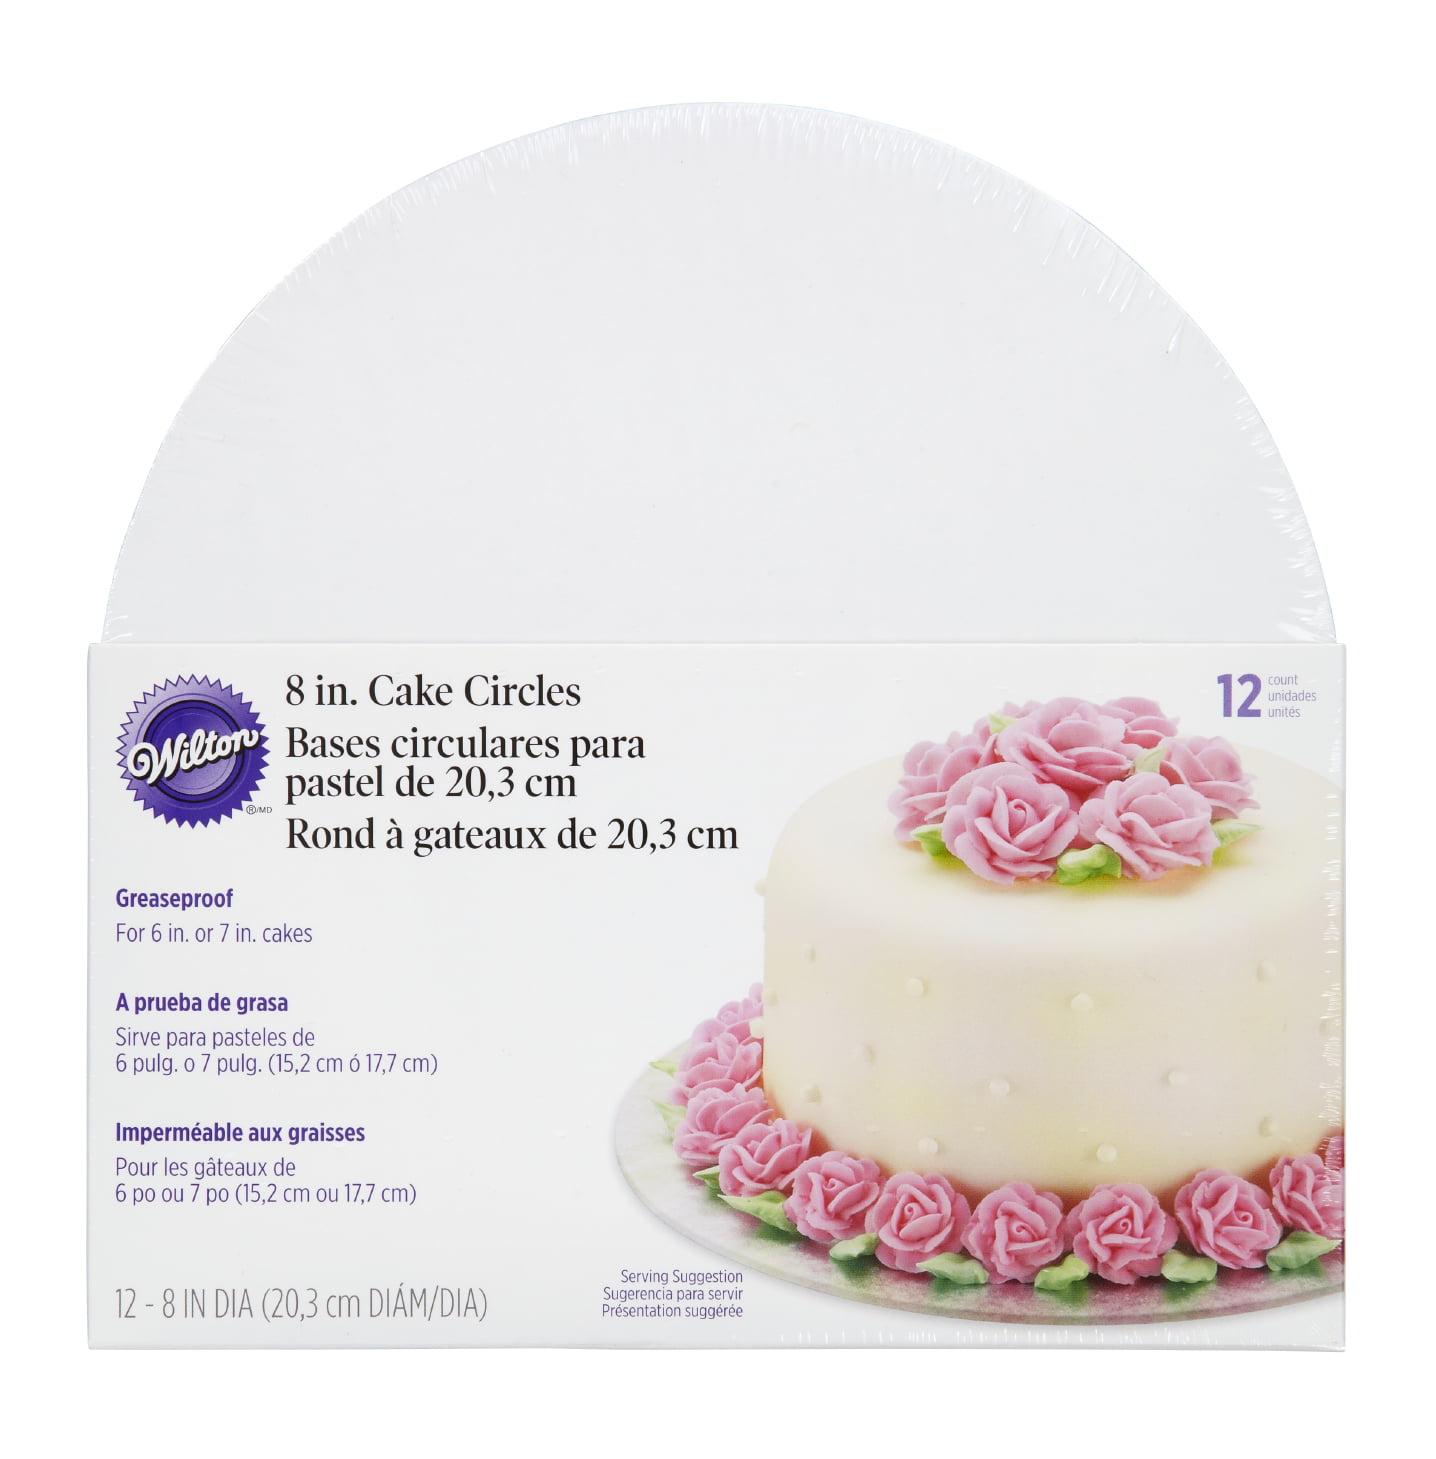 Wilton Cake Circle, 8 inch, 12 pack